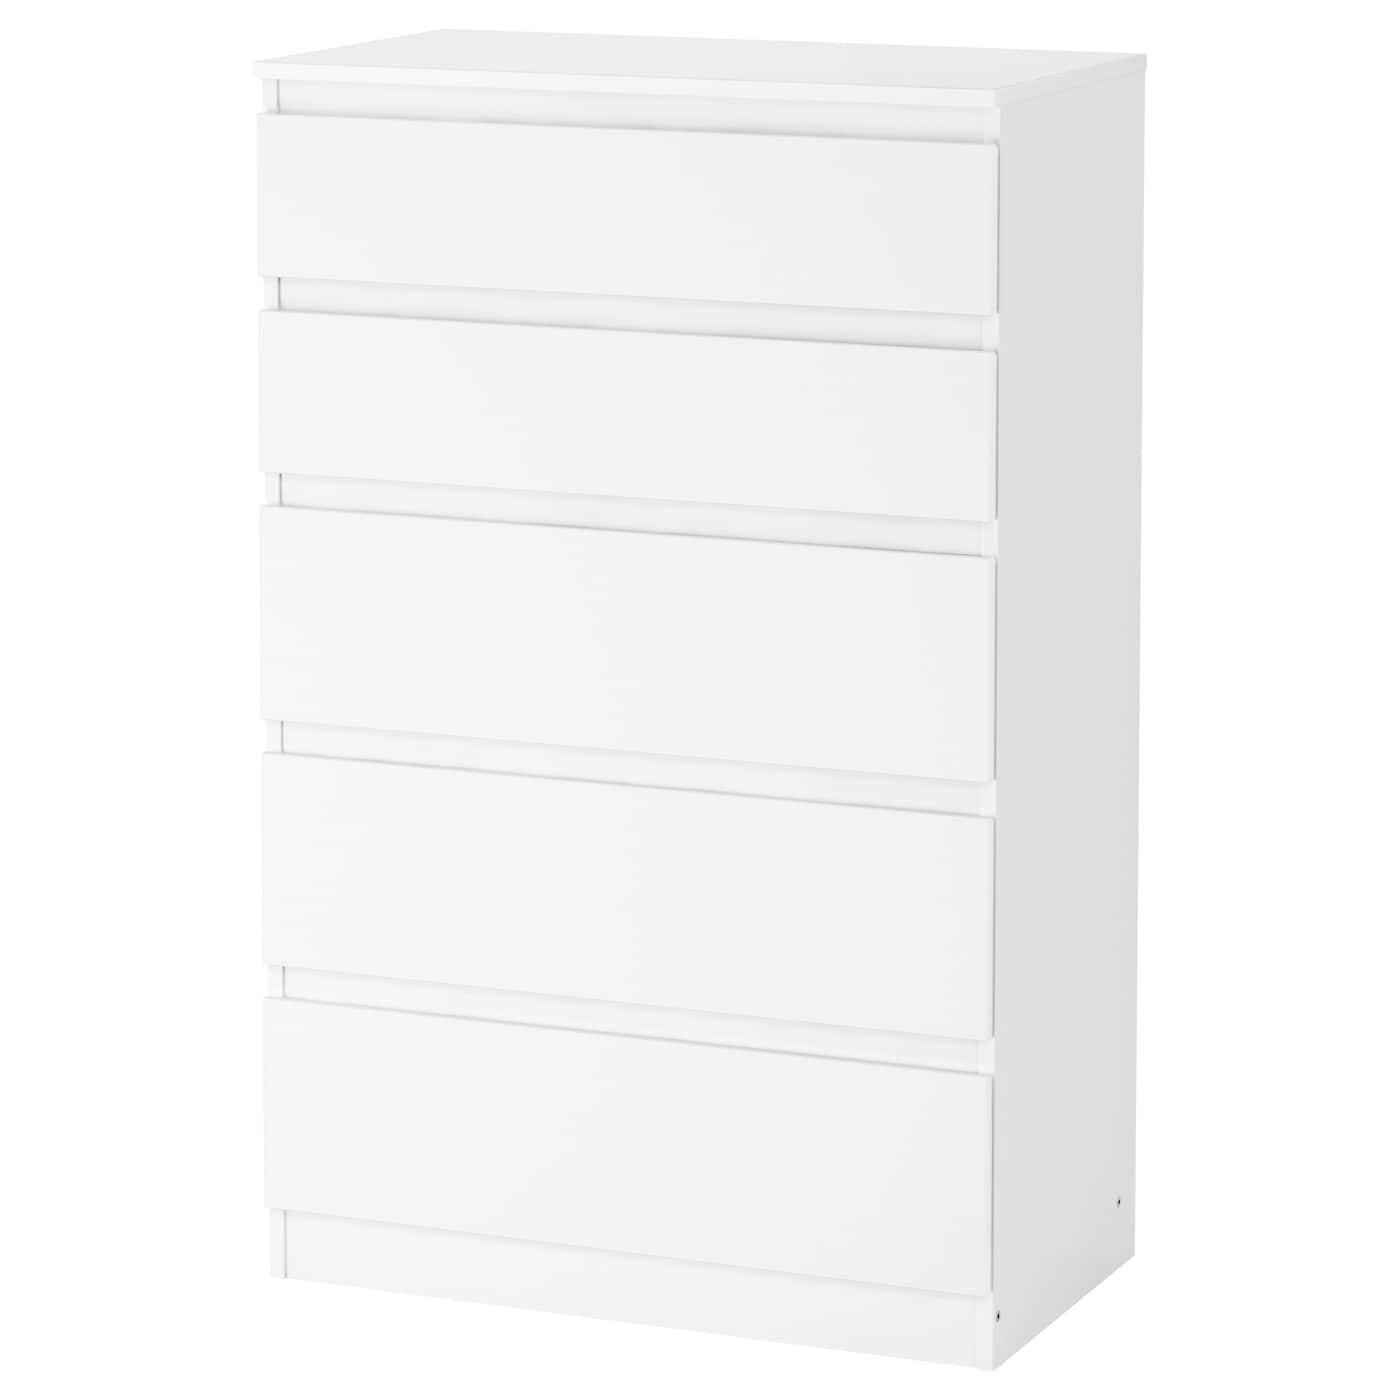 IKEA - KULLEN Ladekast 5 lades - 70x112 cm - Wit